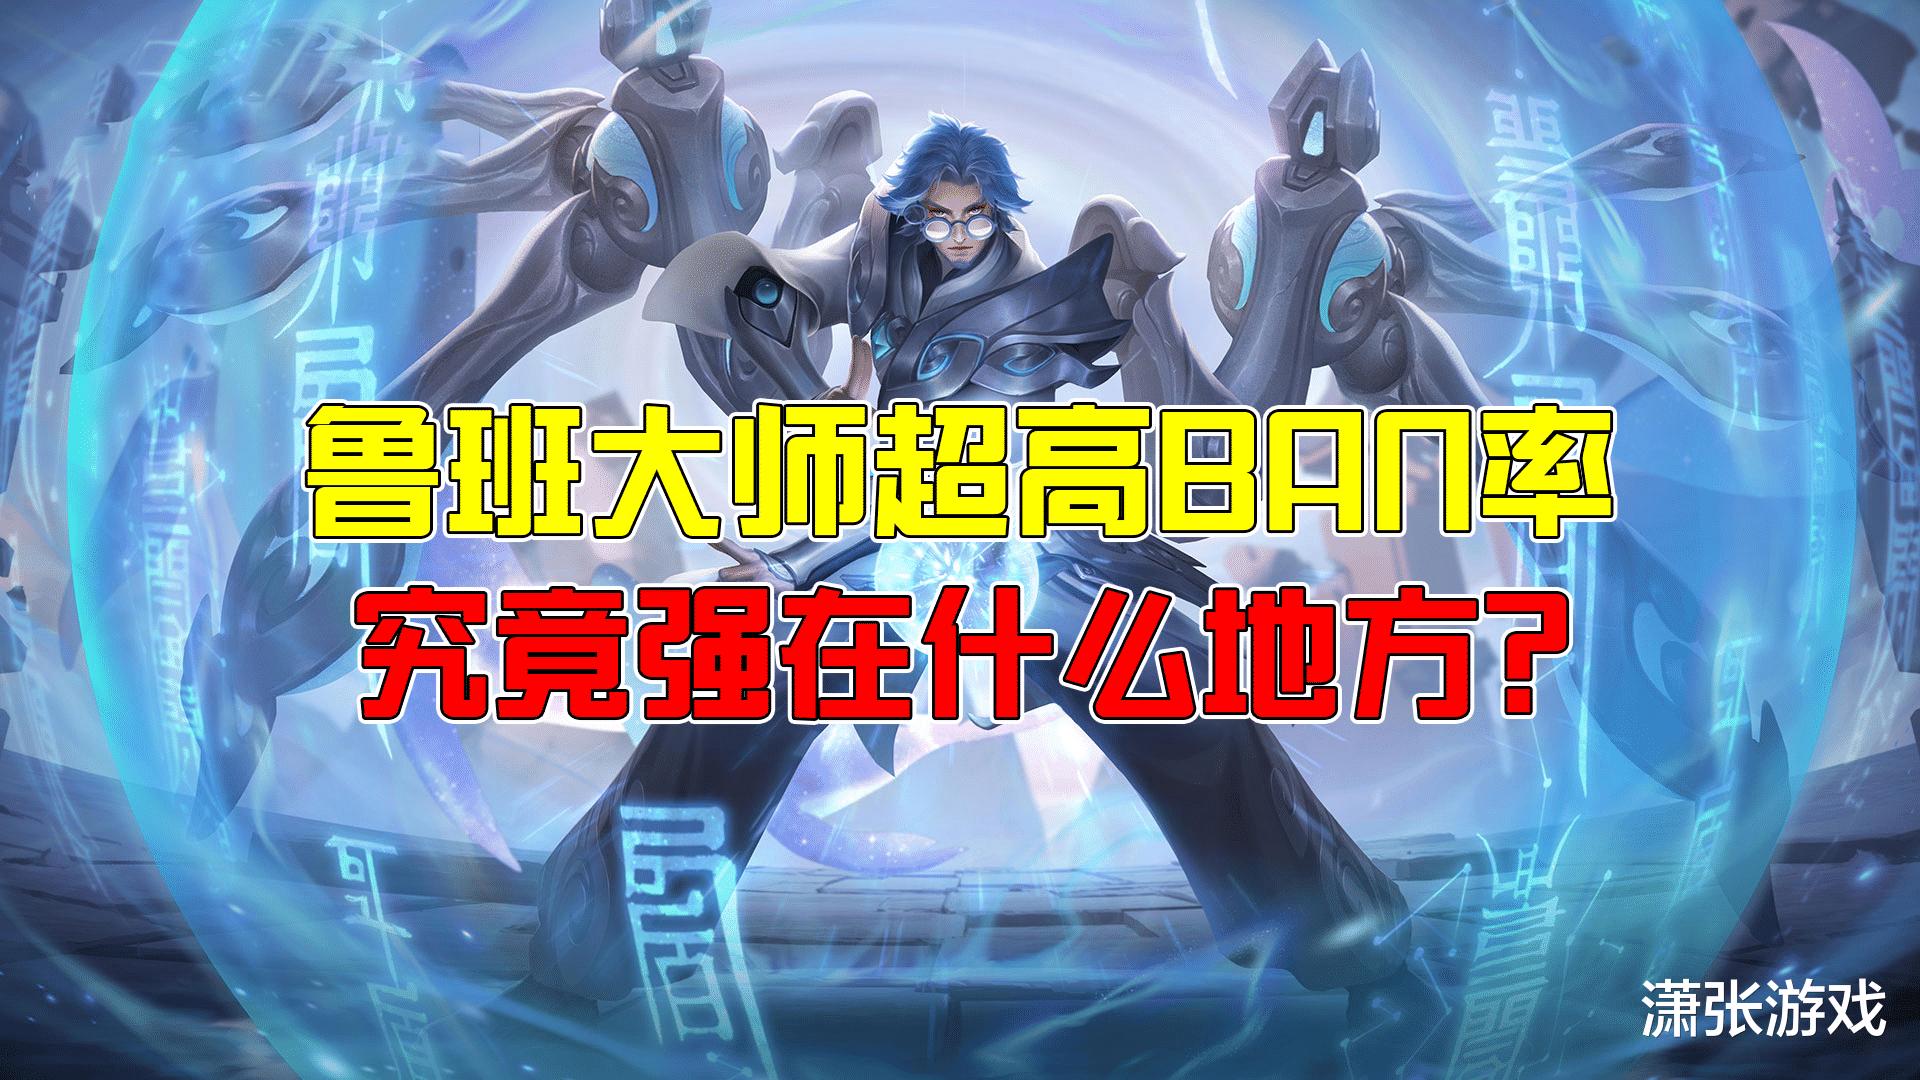 王者荣耀:鲁班大师最新Ban率64.20%的3个原因,附带细节攻略! 鲁班 王者荣耀 单机资讯  第1张